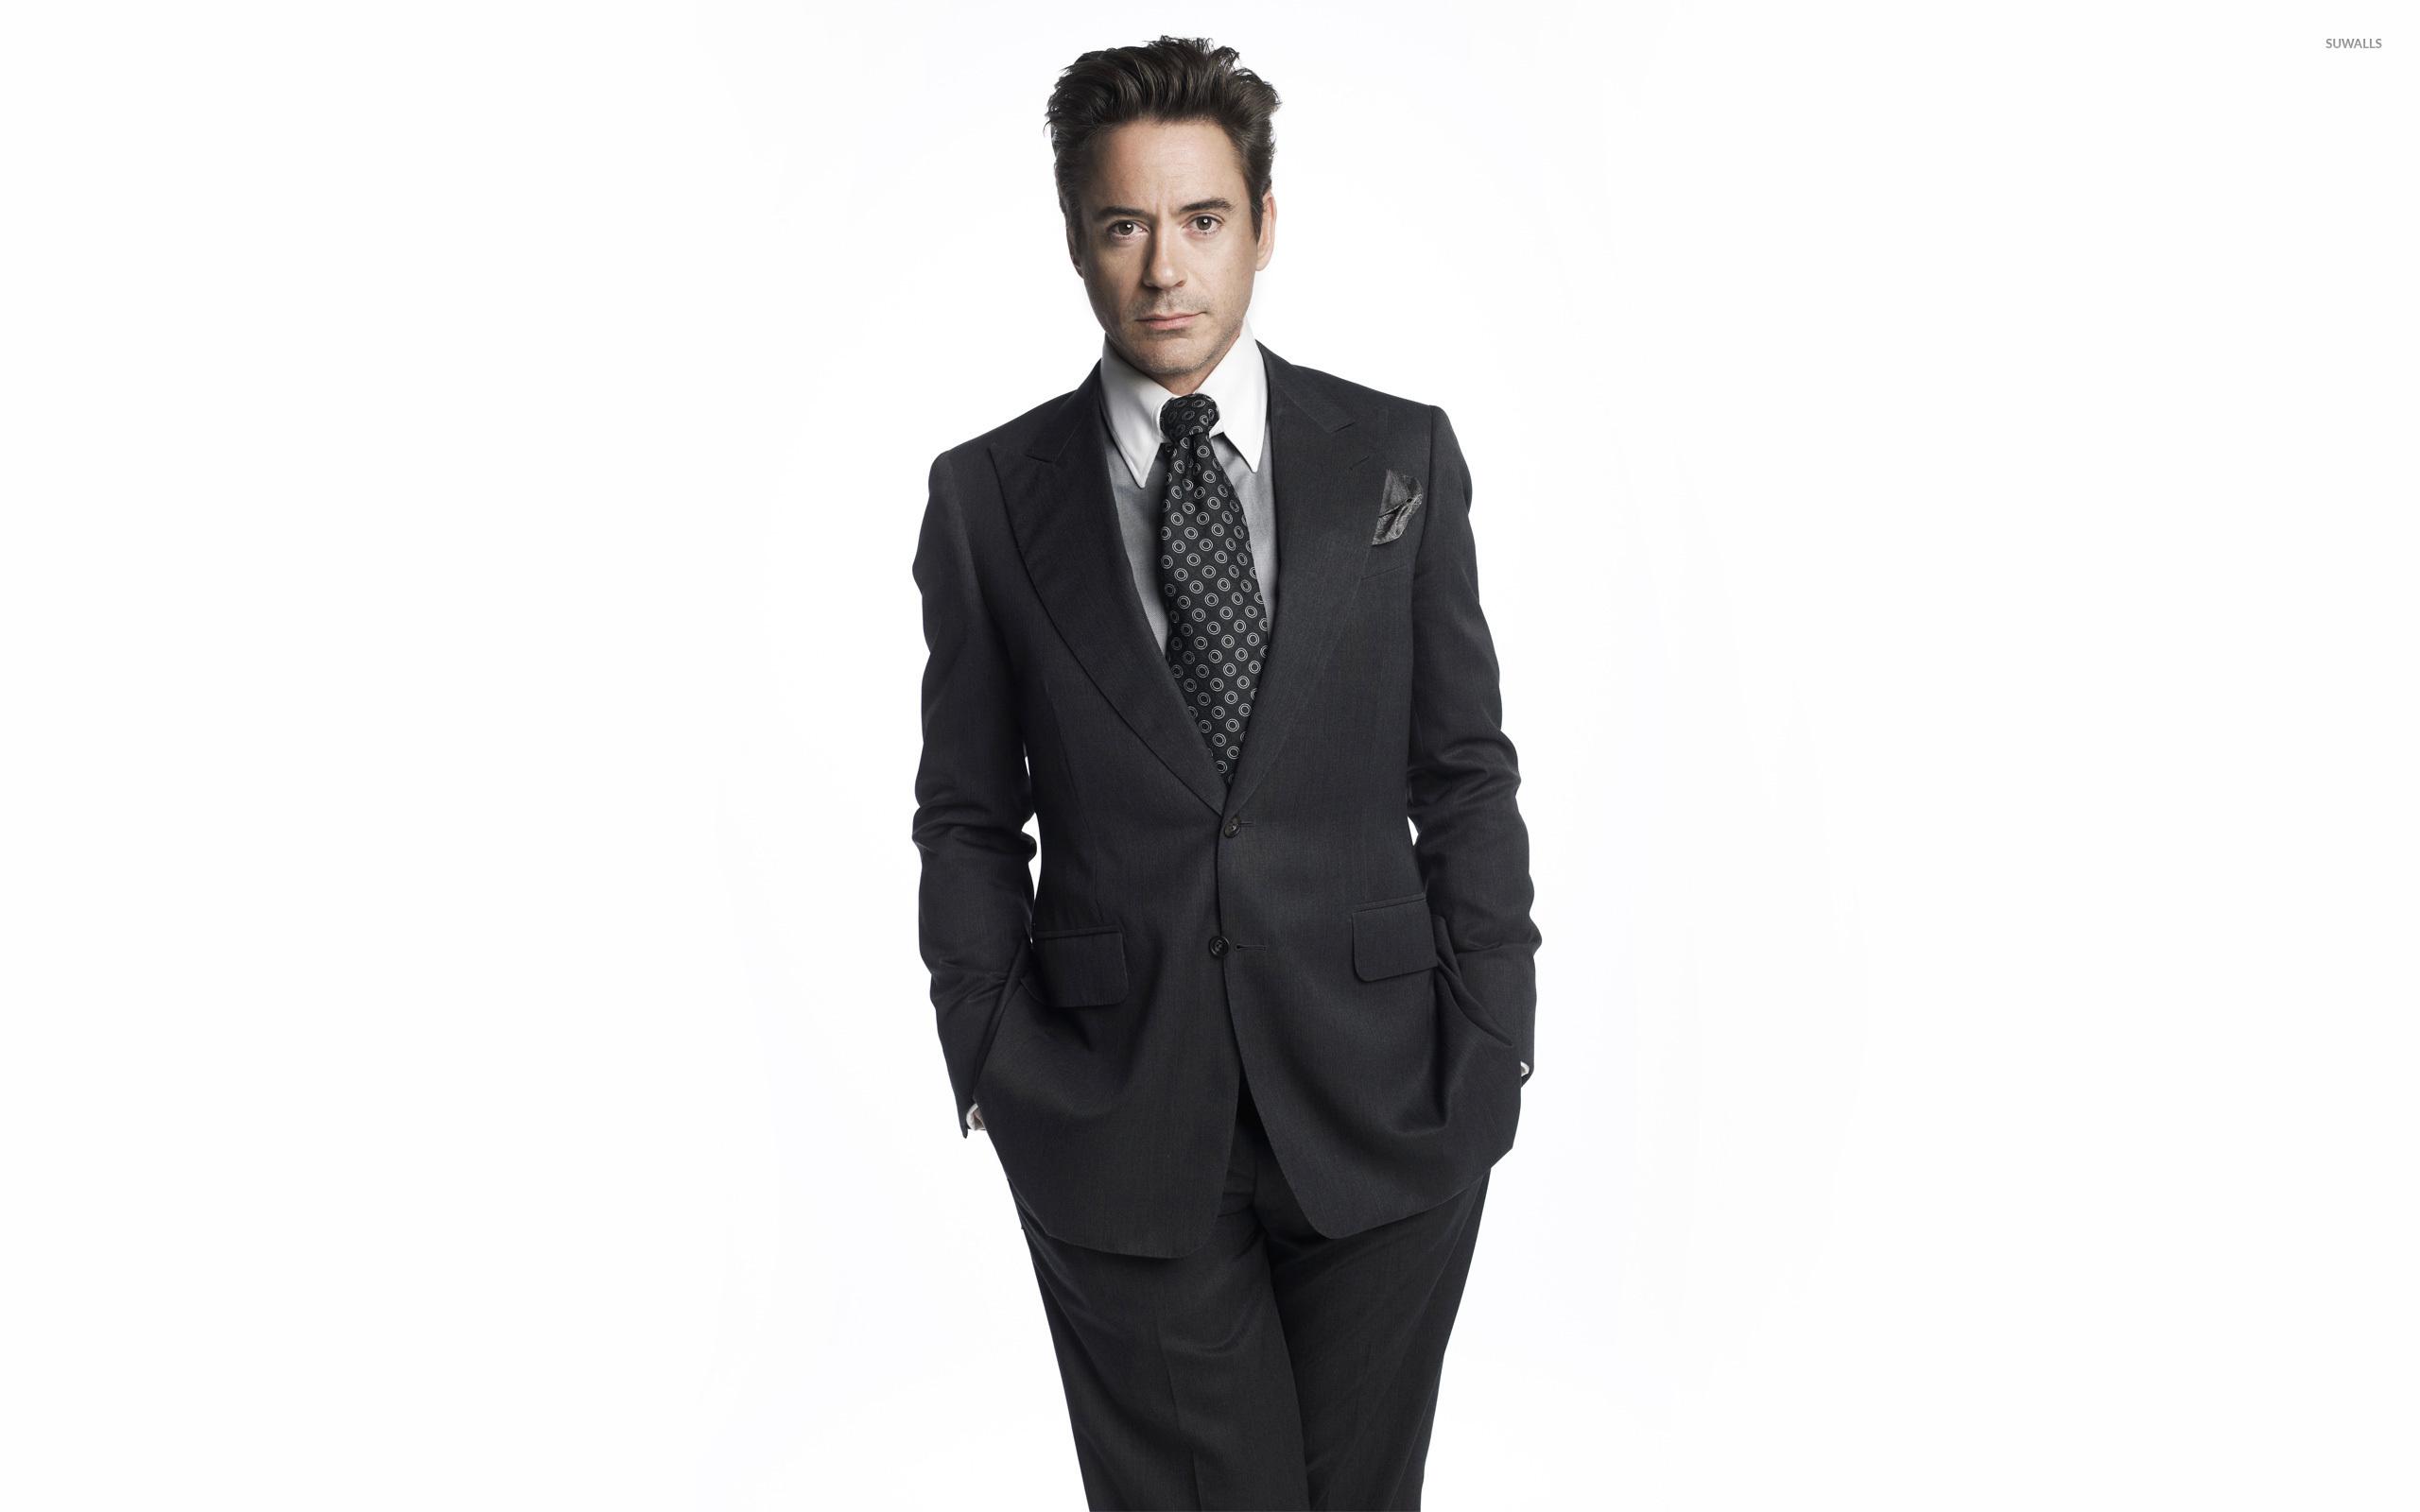 Tony Stark Hd Wallpapers Robert Downey Jr 2 Wallpaper Male Celebrity